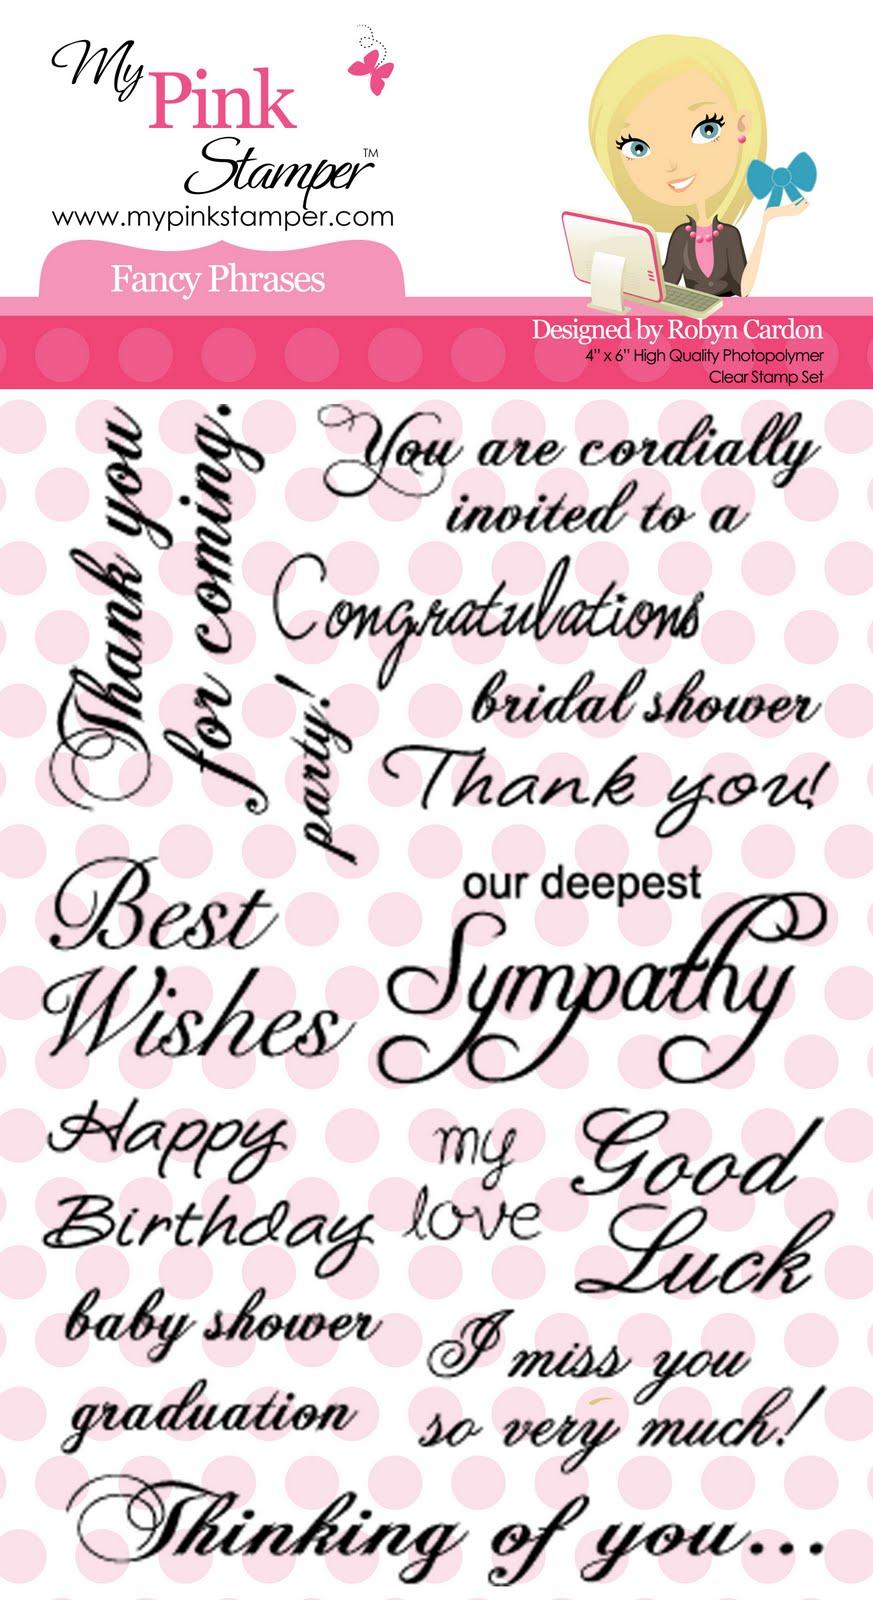 My pink stamper fancy phrases stamp set